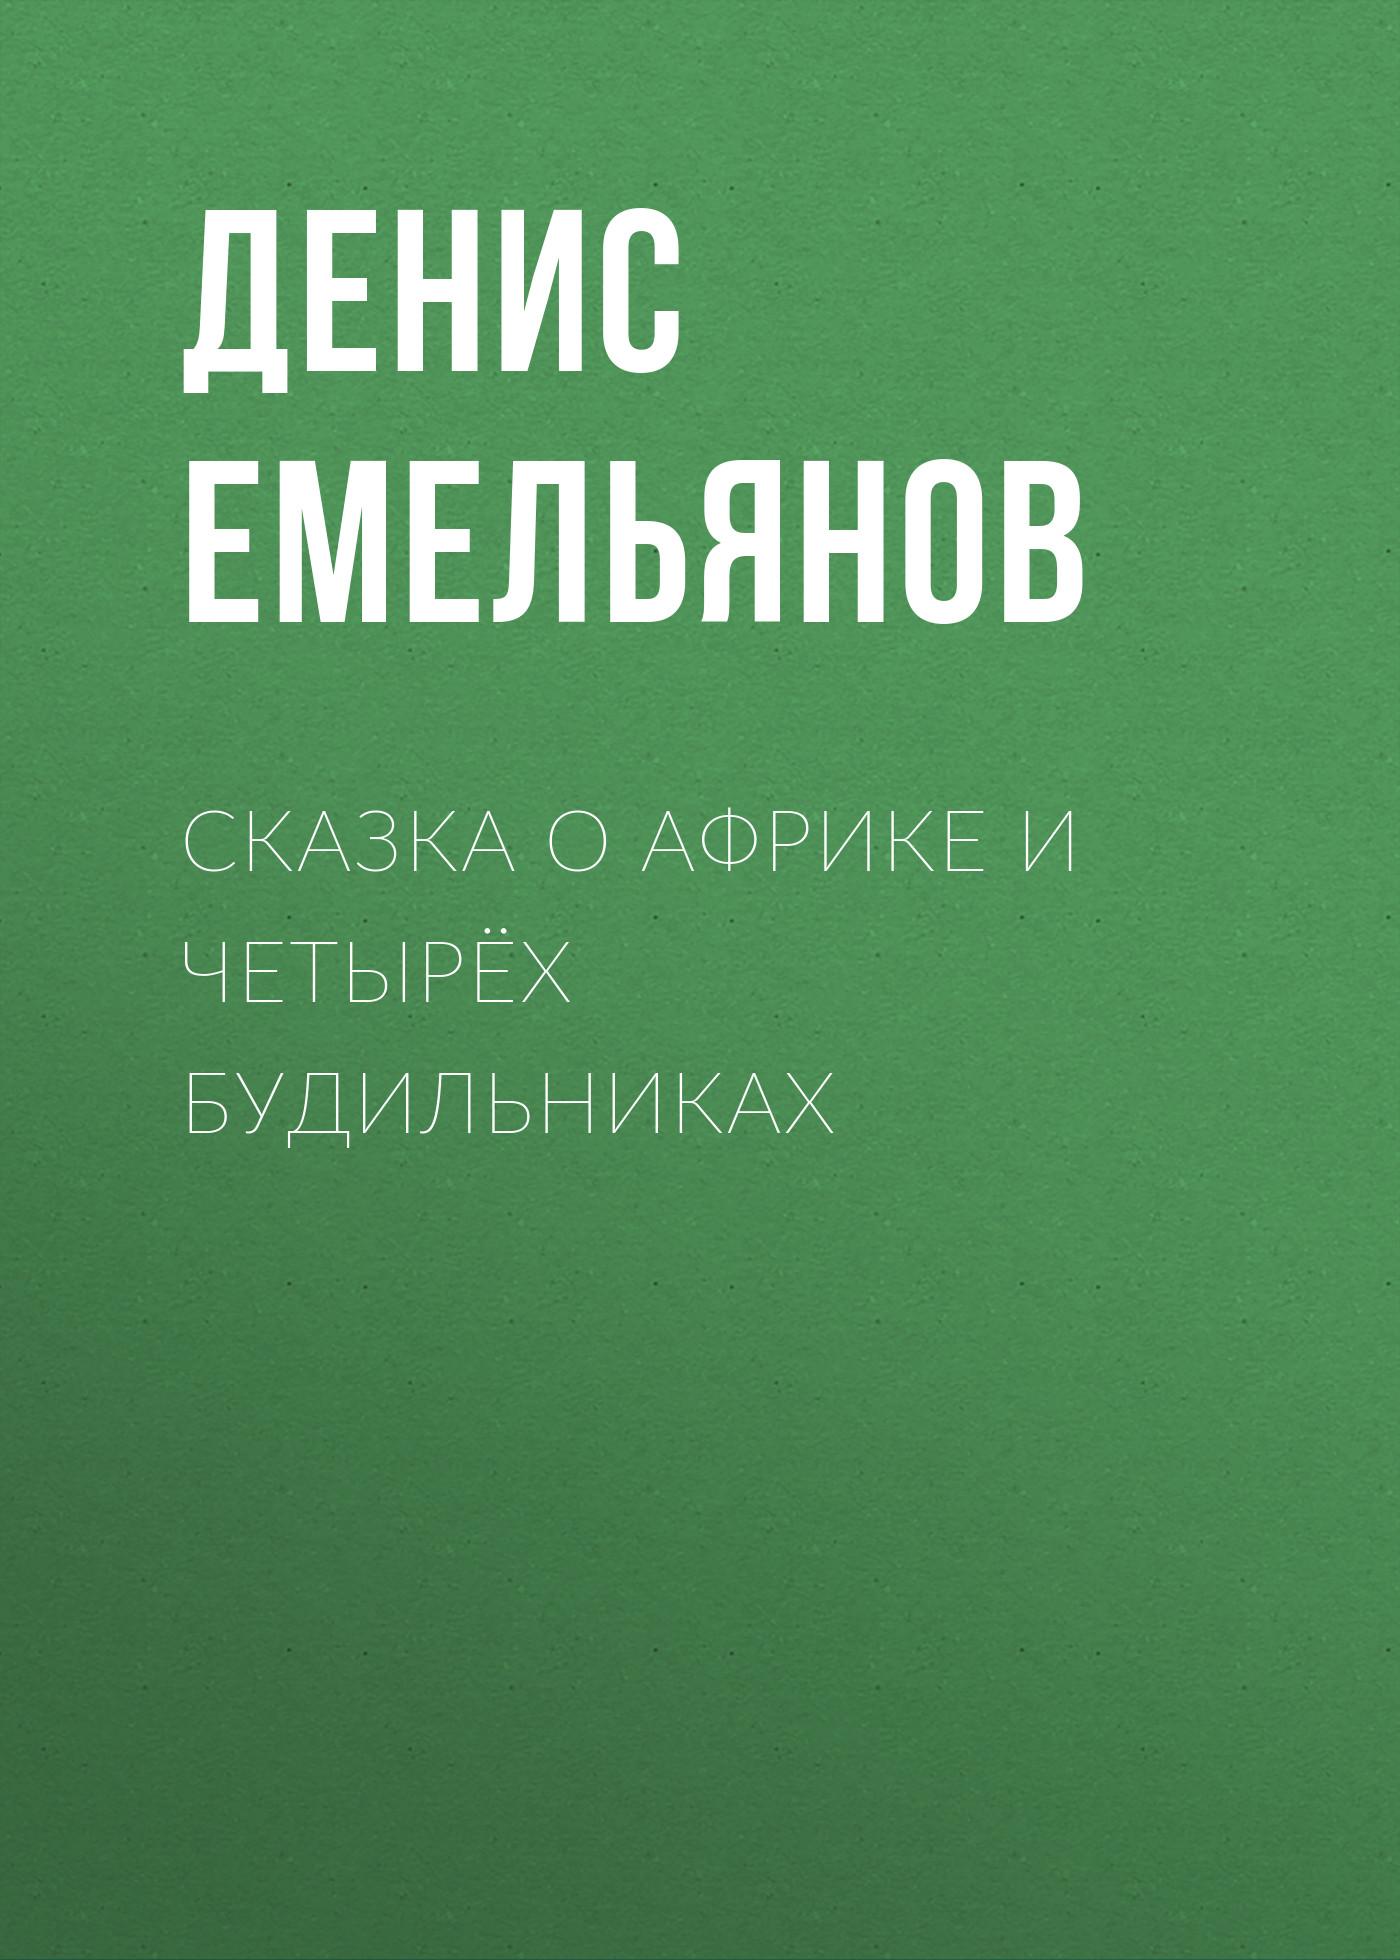 Денис Емельянов Сказка о Африке и четырёх будильниках денис емельянов сказка о африке и четырёх будильниках